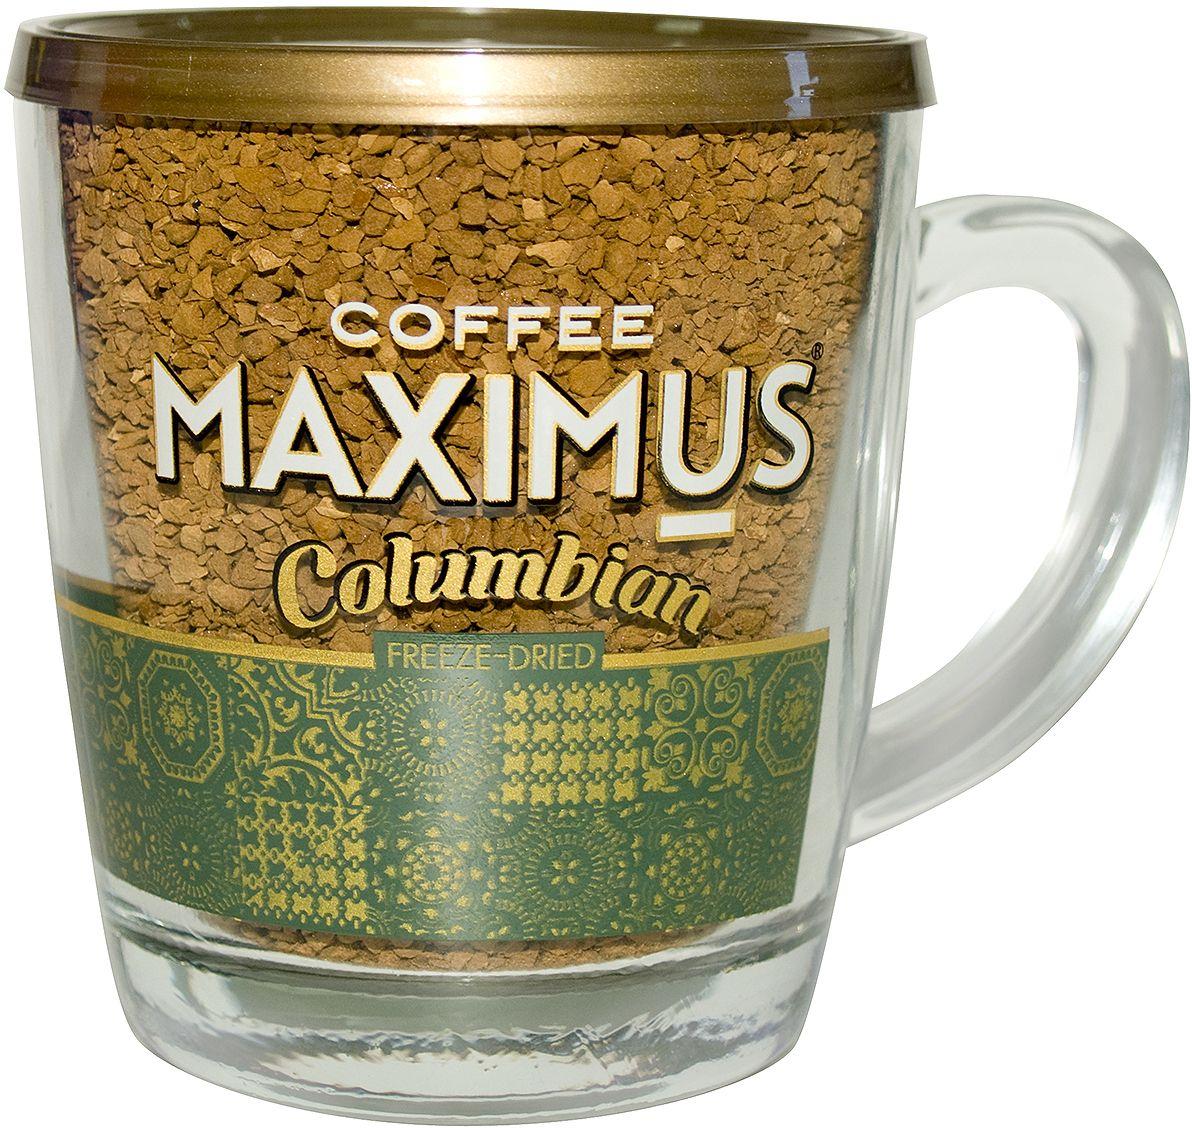 Maximus Columbian кофе растворимый в стеклянной кружке, 70 г4607051541696Maximus Columbian - флагманский продукт. Он принес марке Maximus известность и доверие потребителей. Это качественный бренд, составленный из отборных сортов кофе.